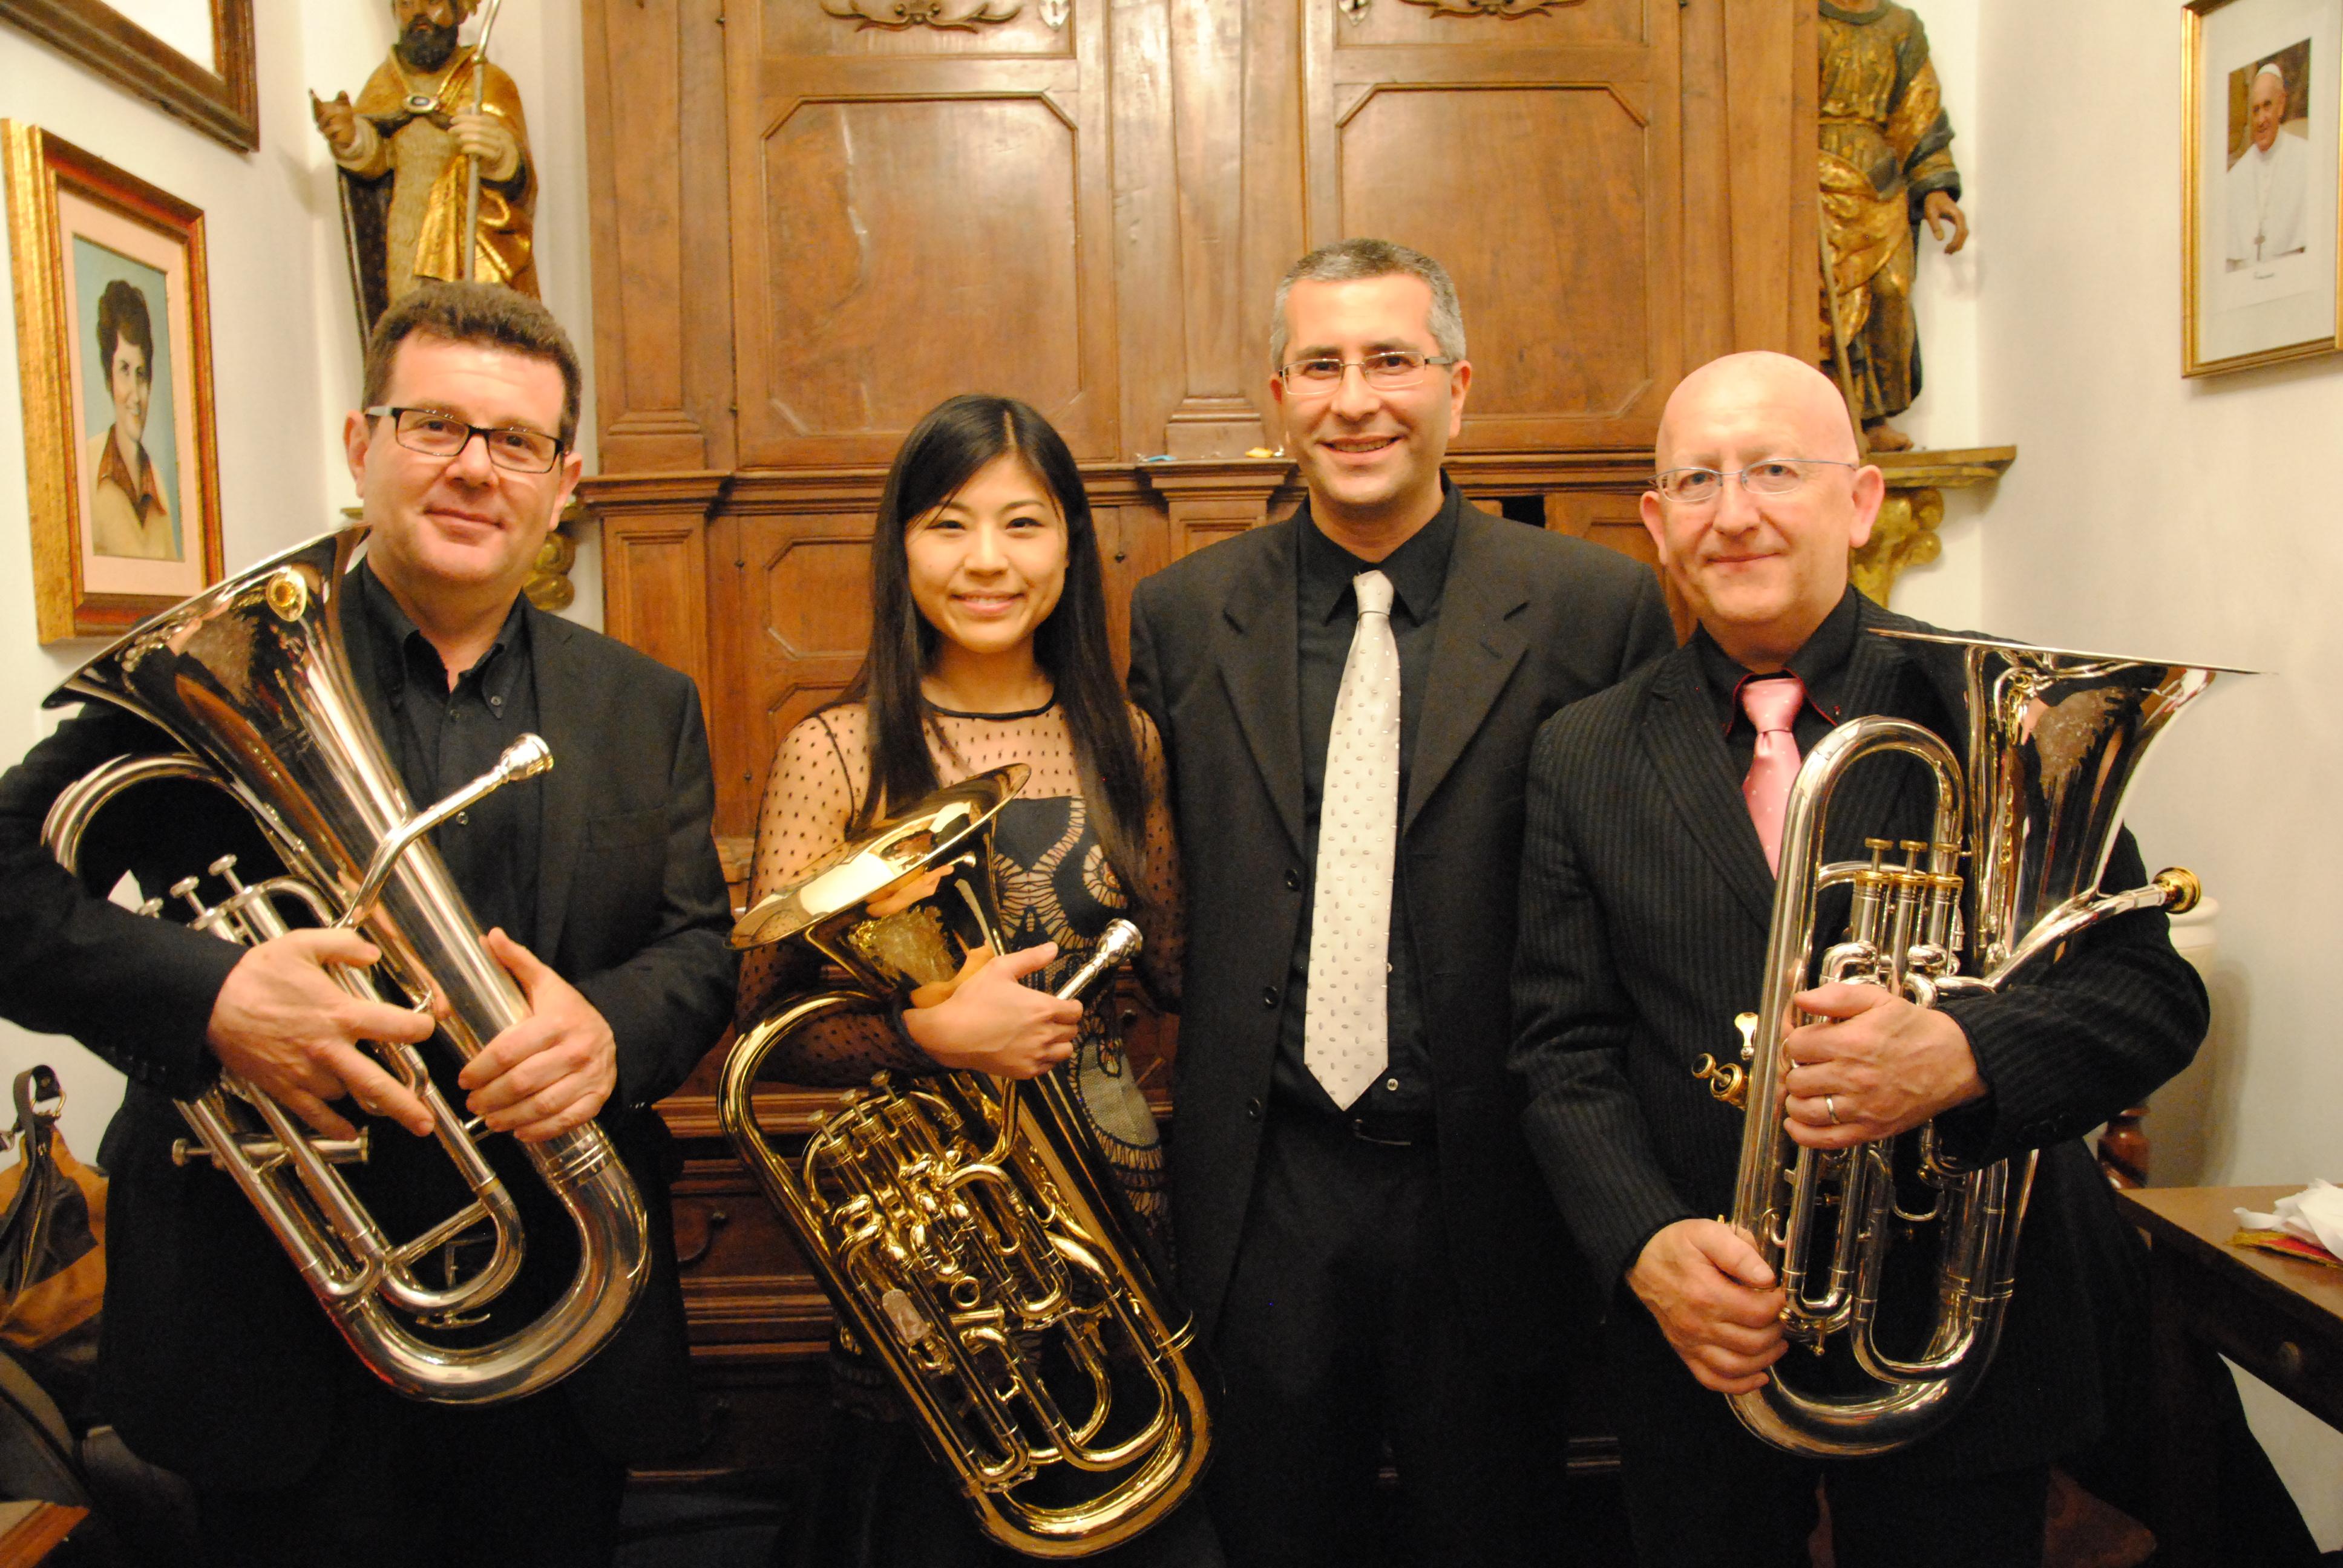 Maggio 2014 - con Steven Mead, Misa Mead e Francesco Tolentino